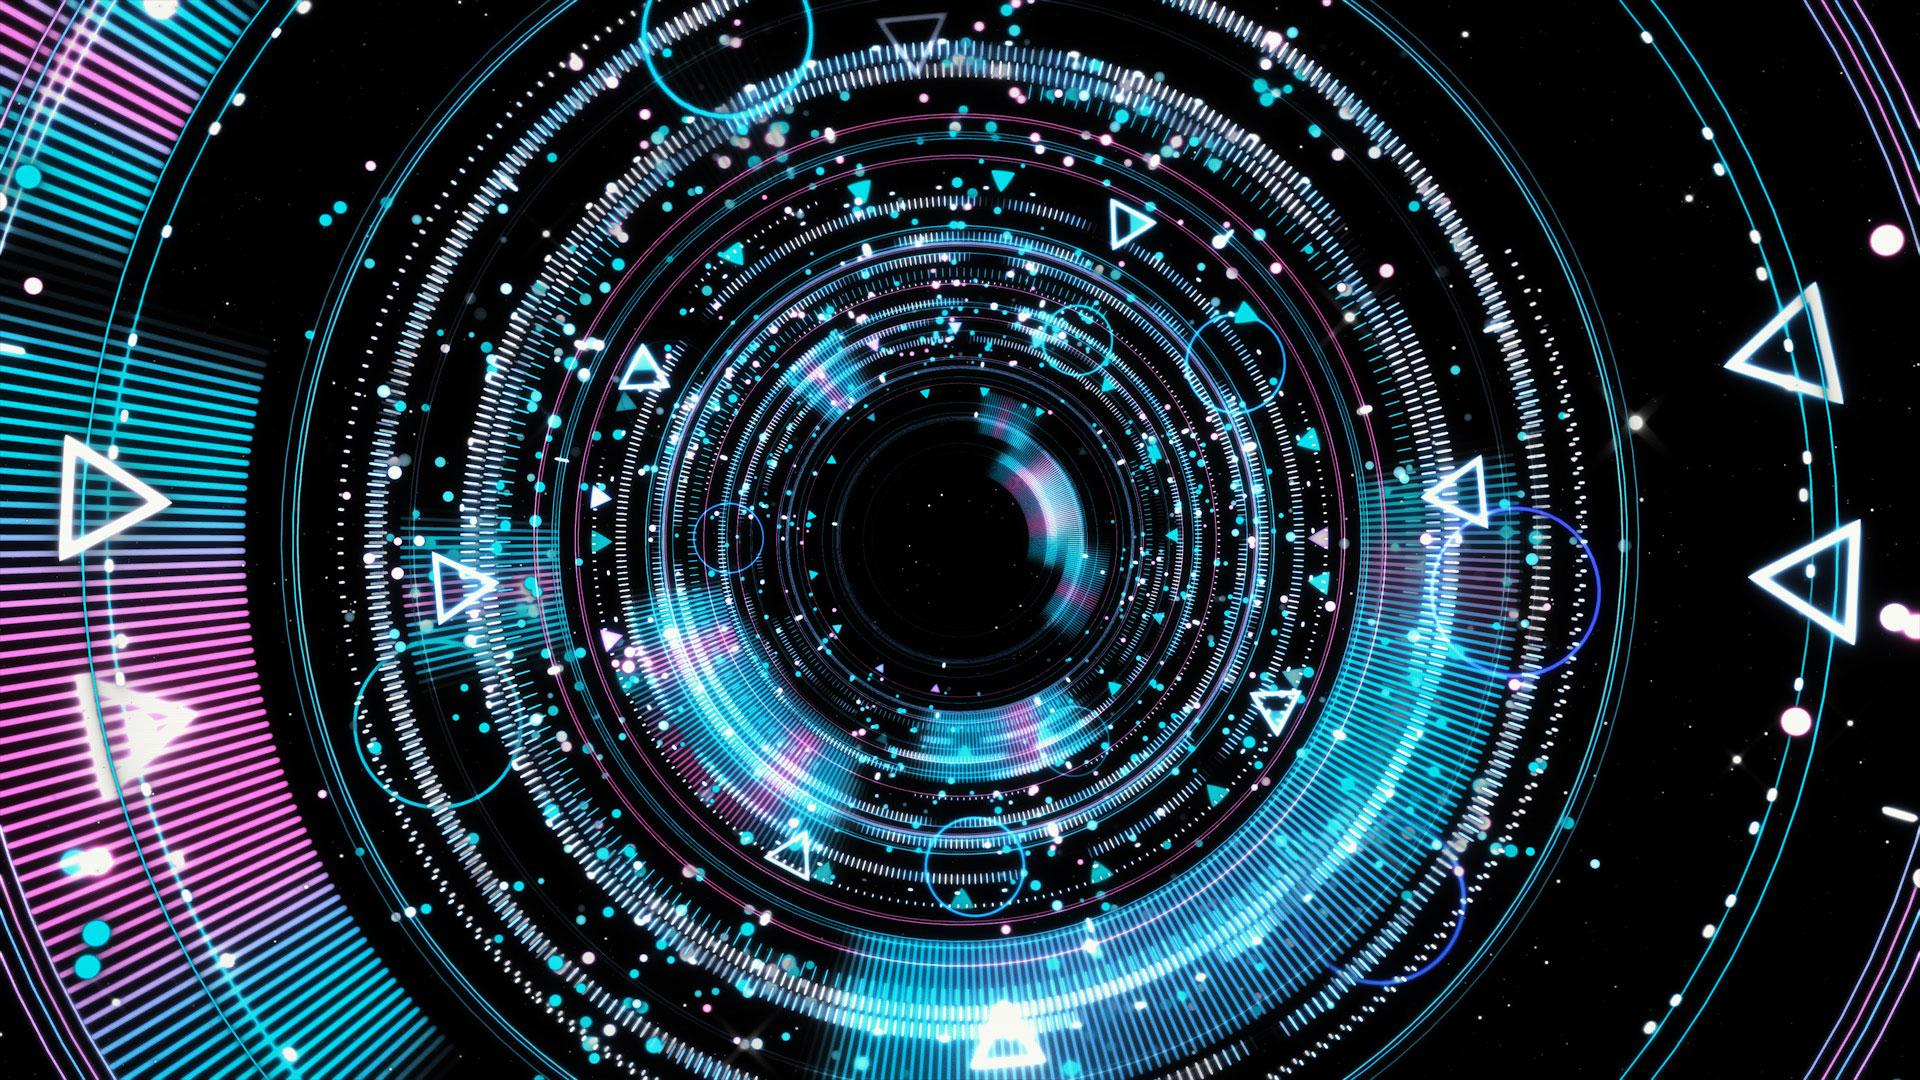 KZ_Cyberspace_10_Still002